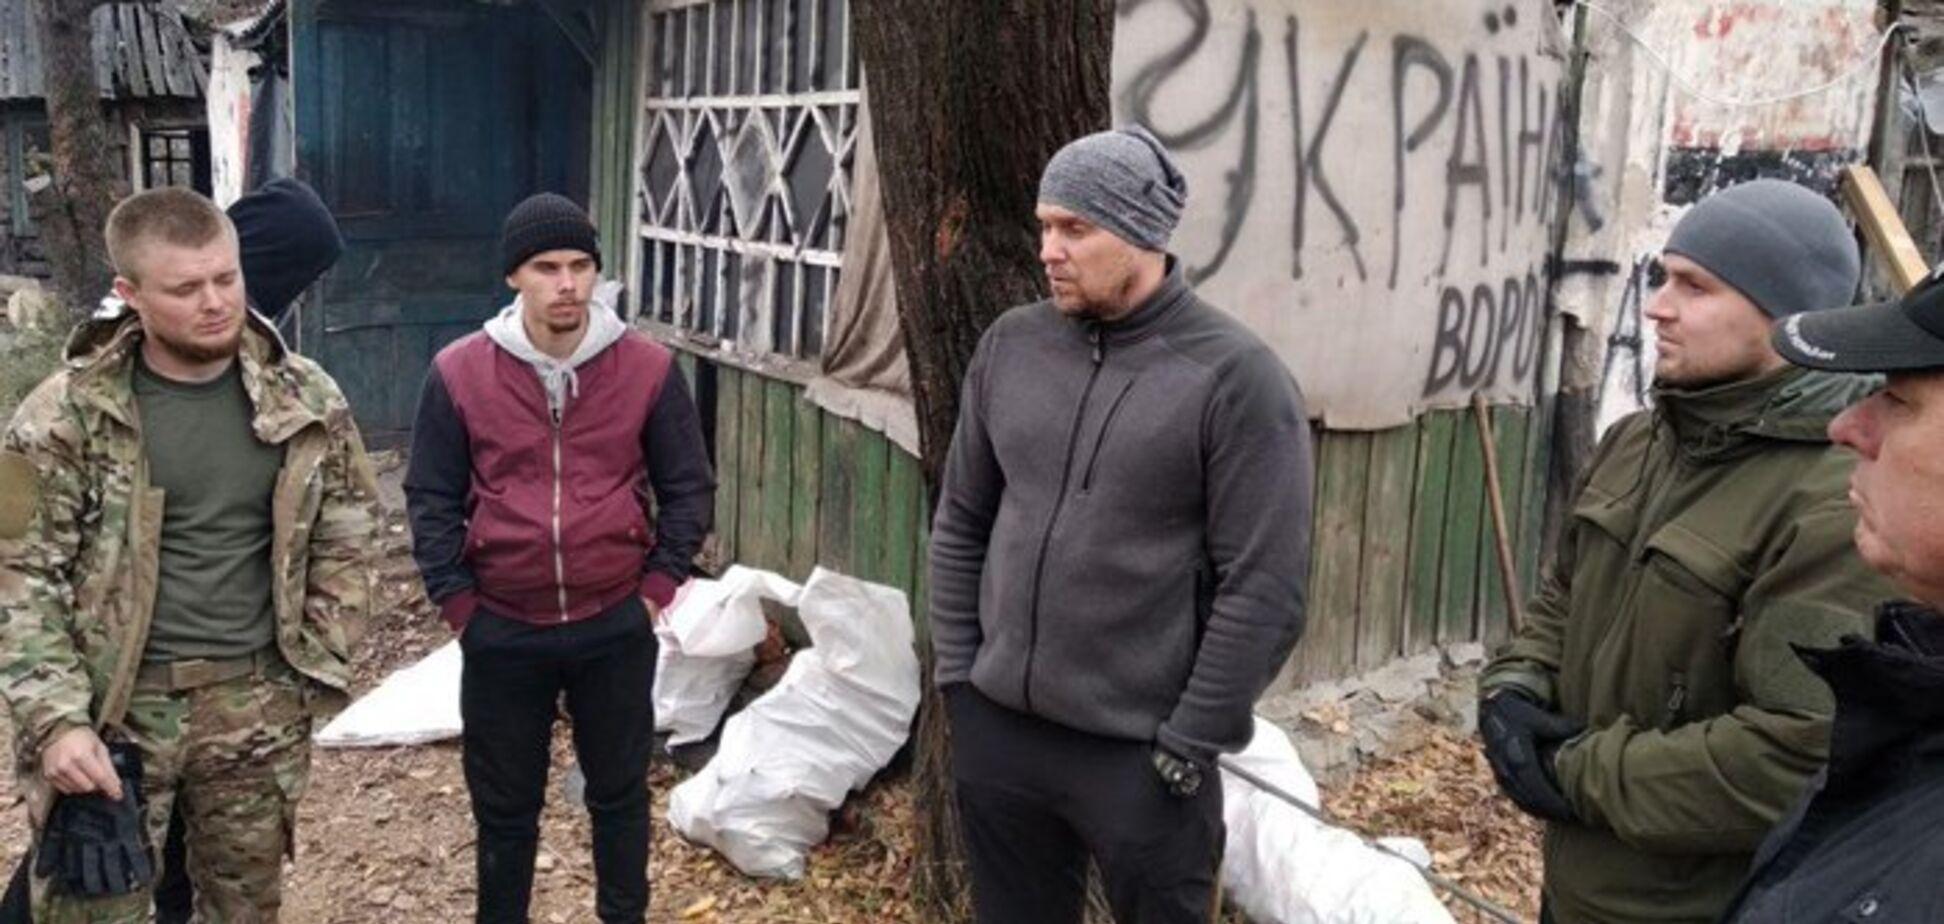 Нацполиция нагрянула к 'Азову' в Золотом: появились новые подробности